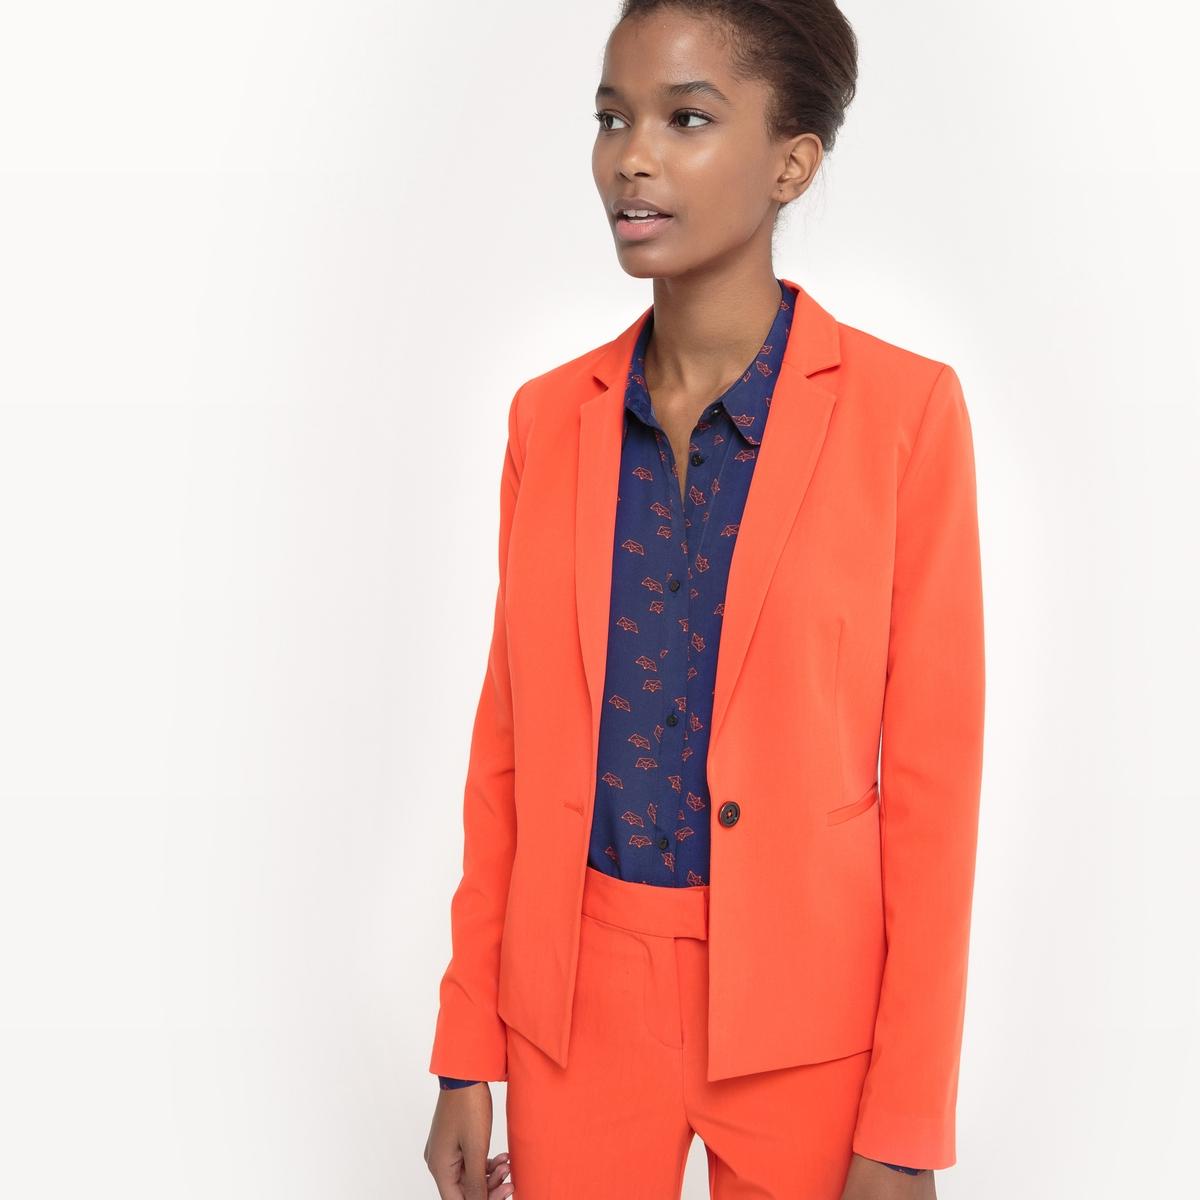 Пиджак костюмный приталенного покроя из полиэстера